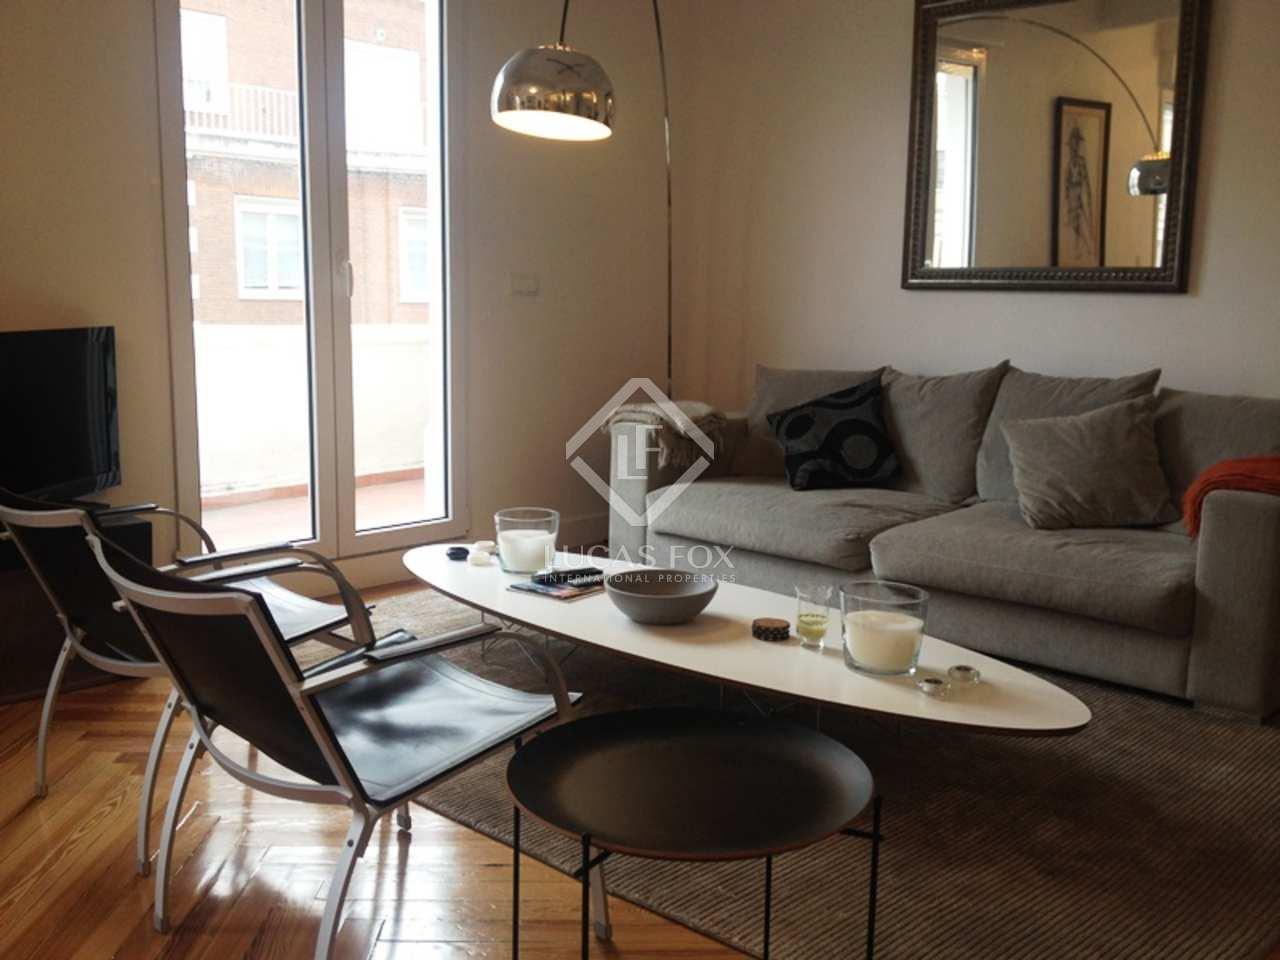 Apartamento en alquiler ne la zona de almagro de chamber - Zona chamberi madrid ...